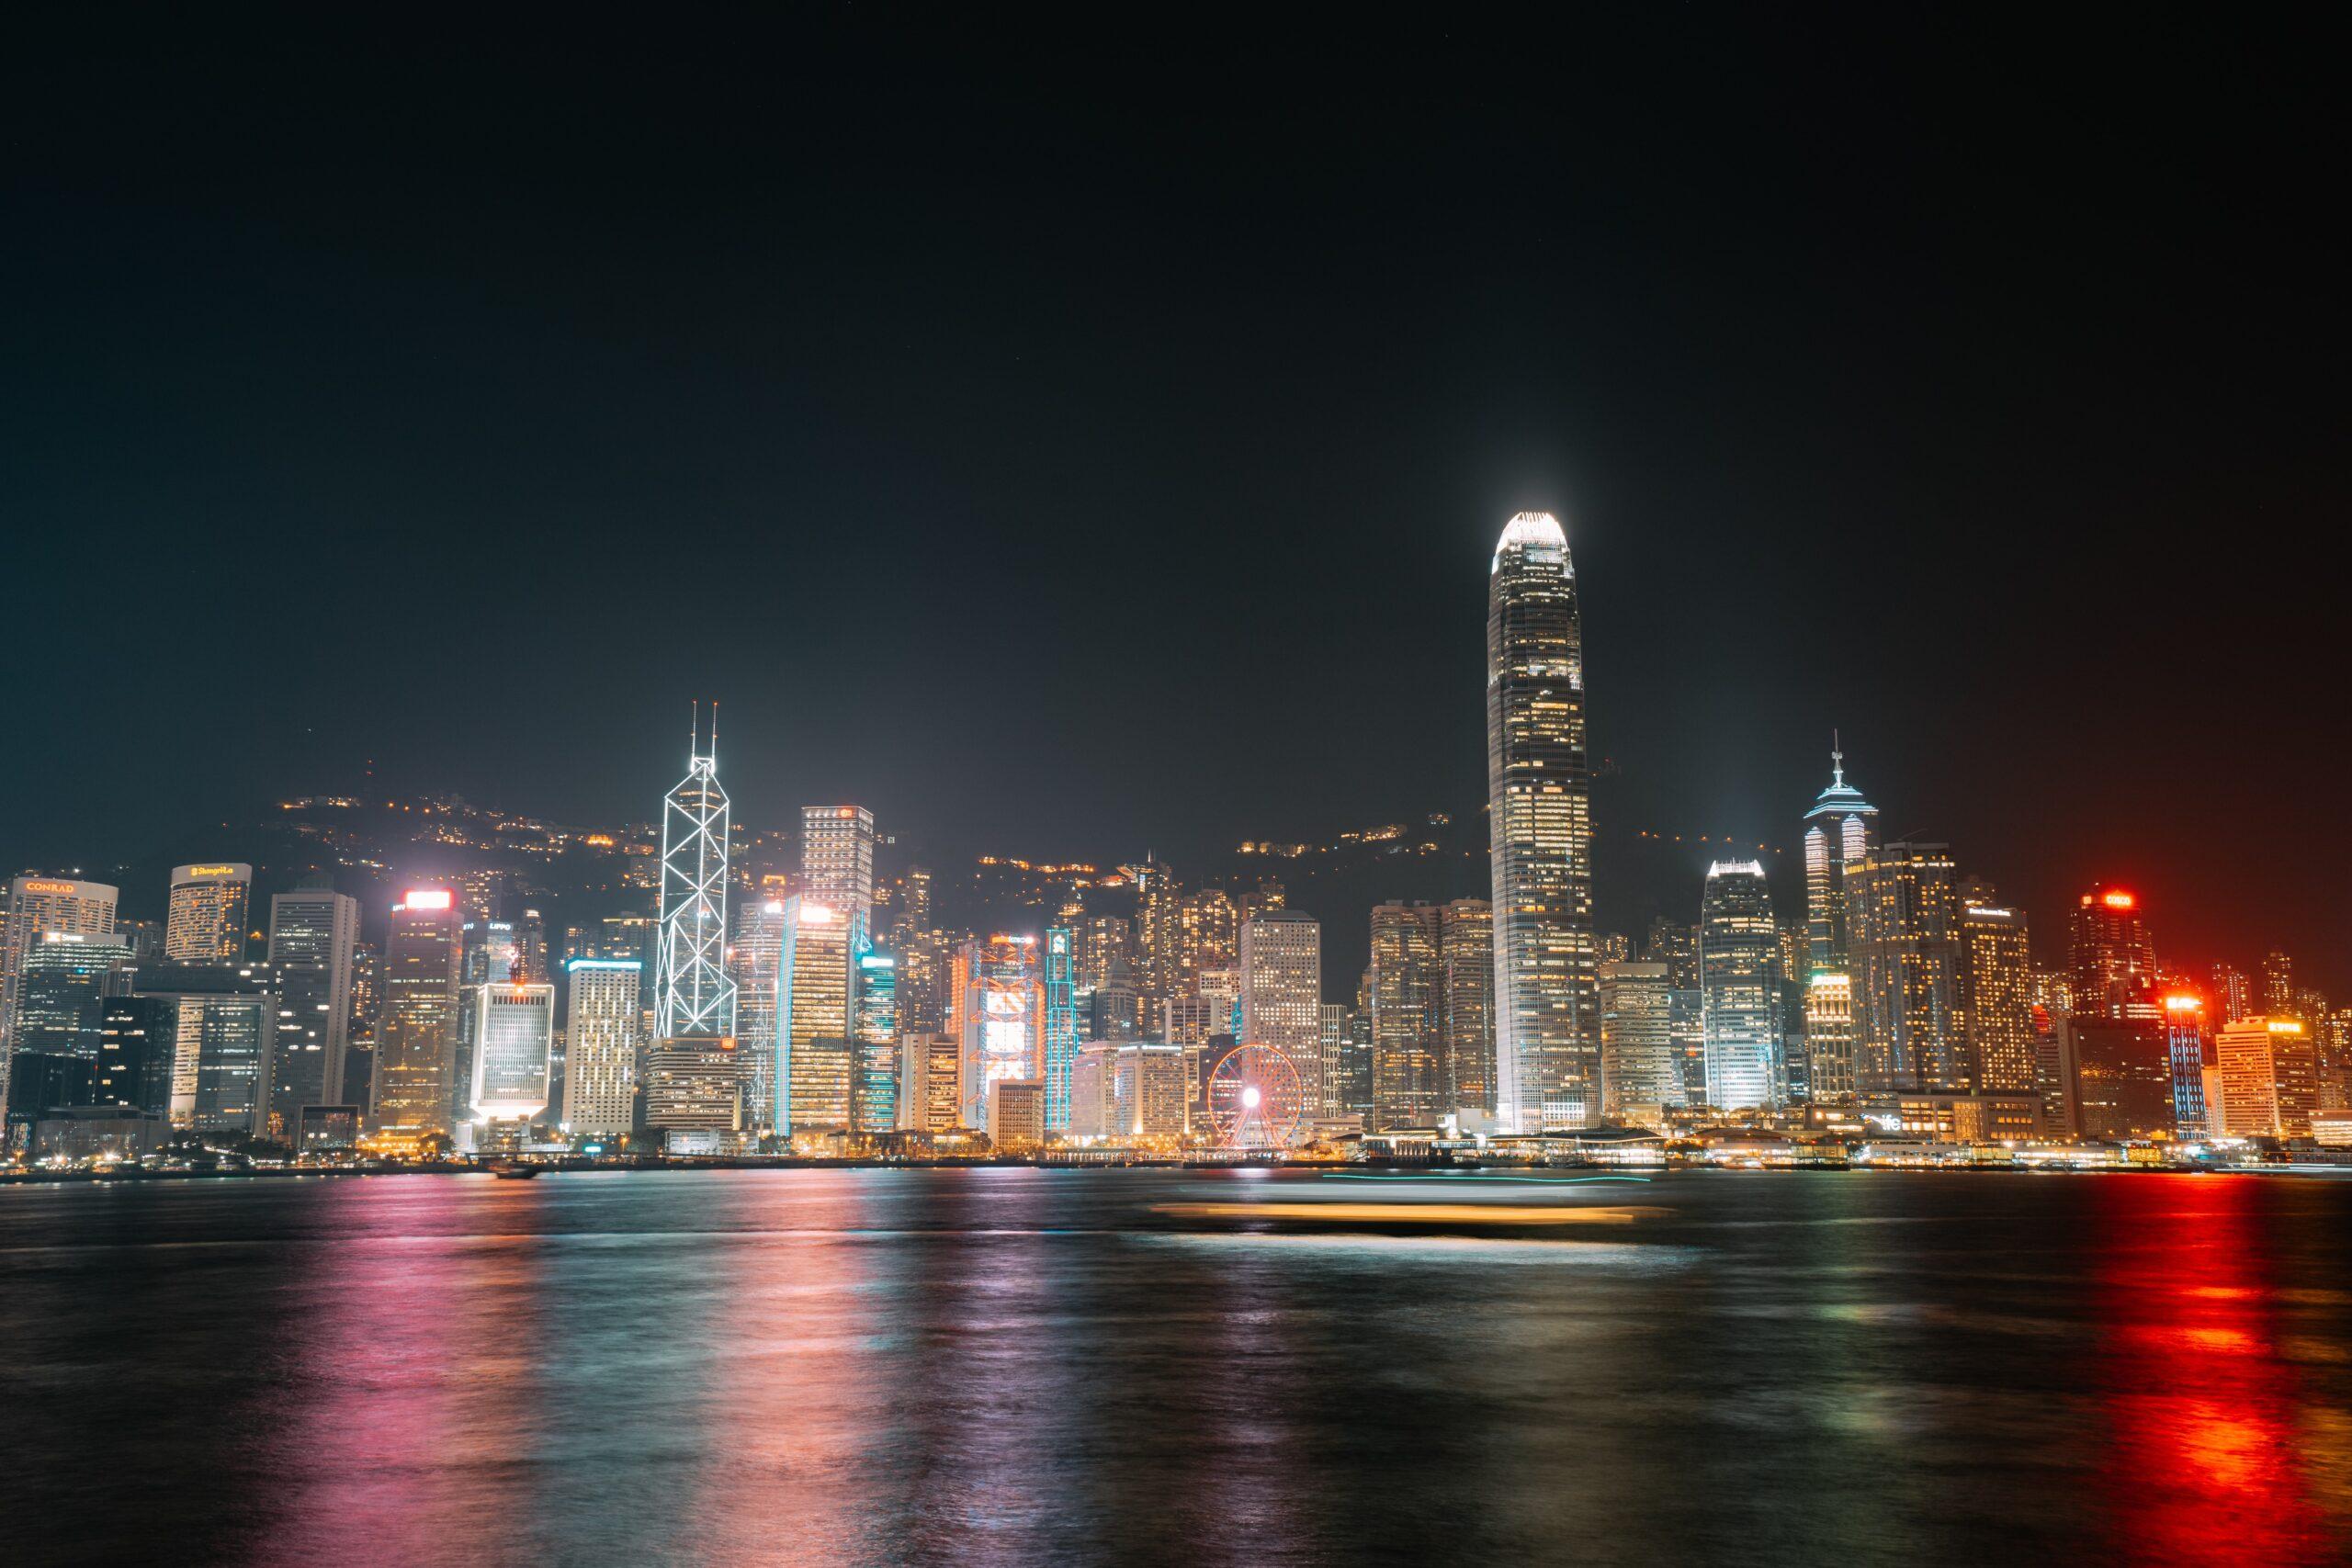 Vista nocturna Hong Kong, bahía